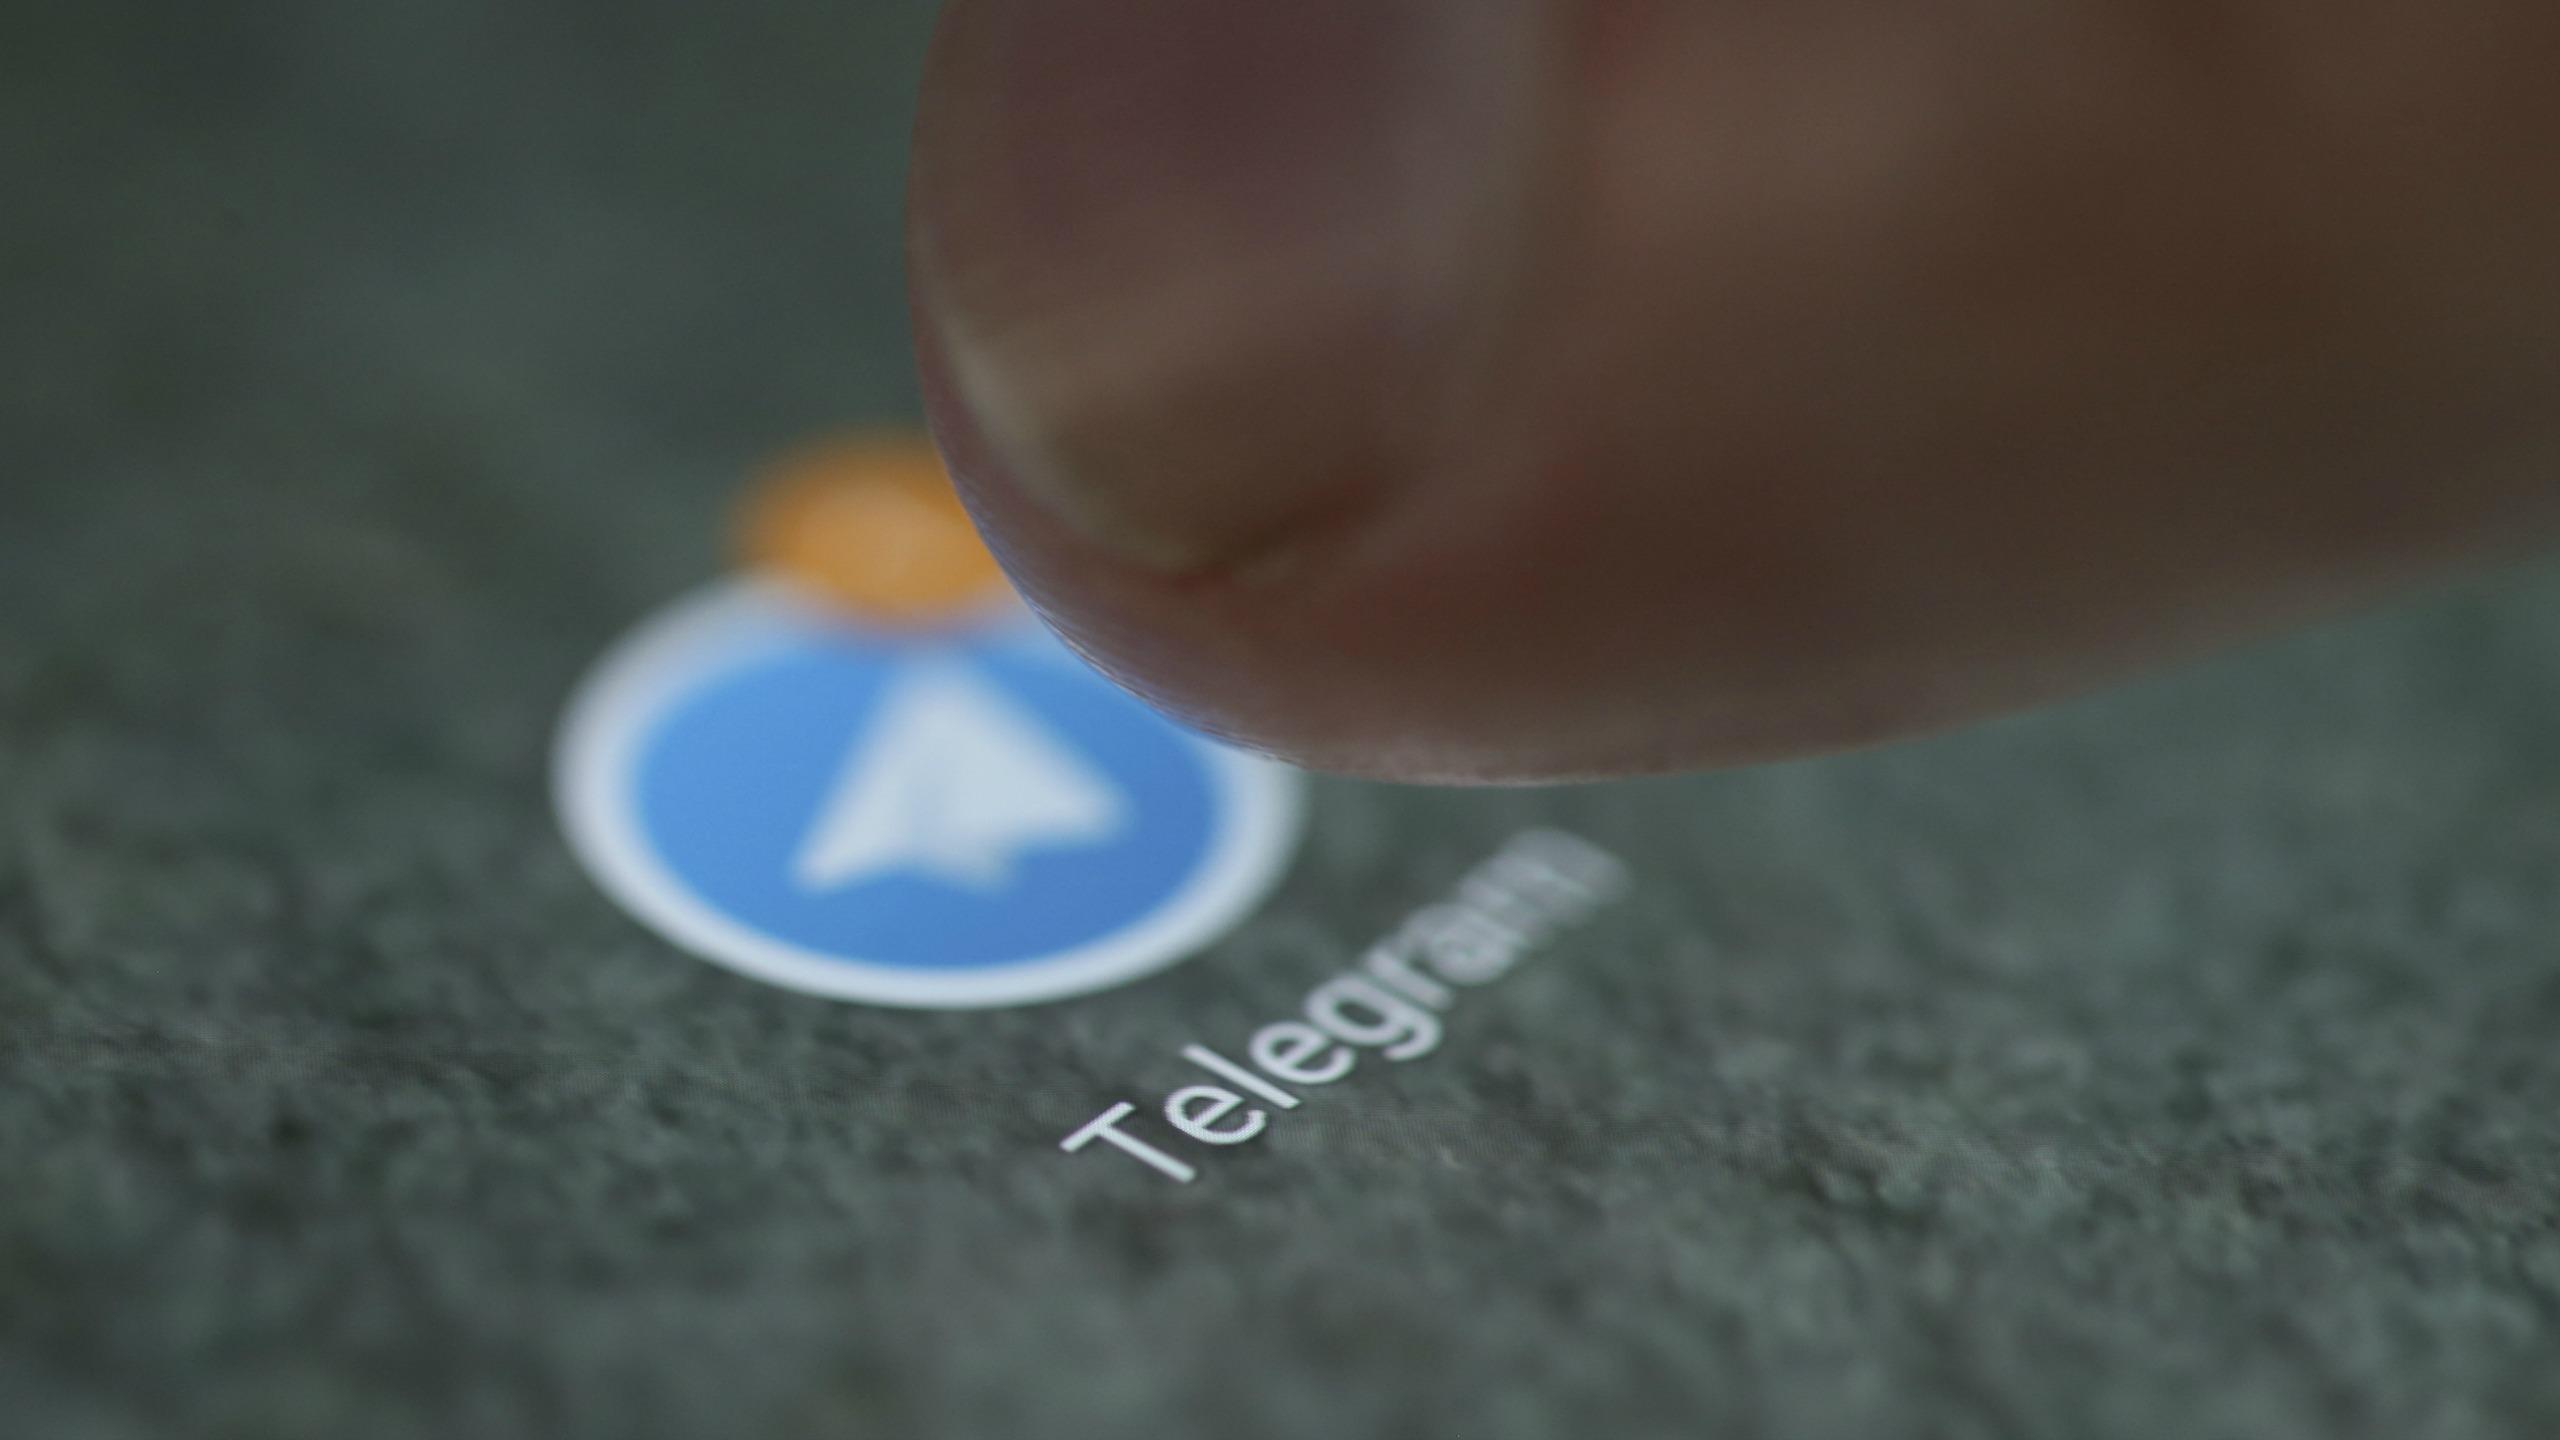 فهرست کانالهای تلگرامی حوزۀ استارتاپ